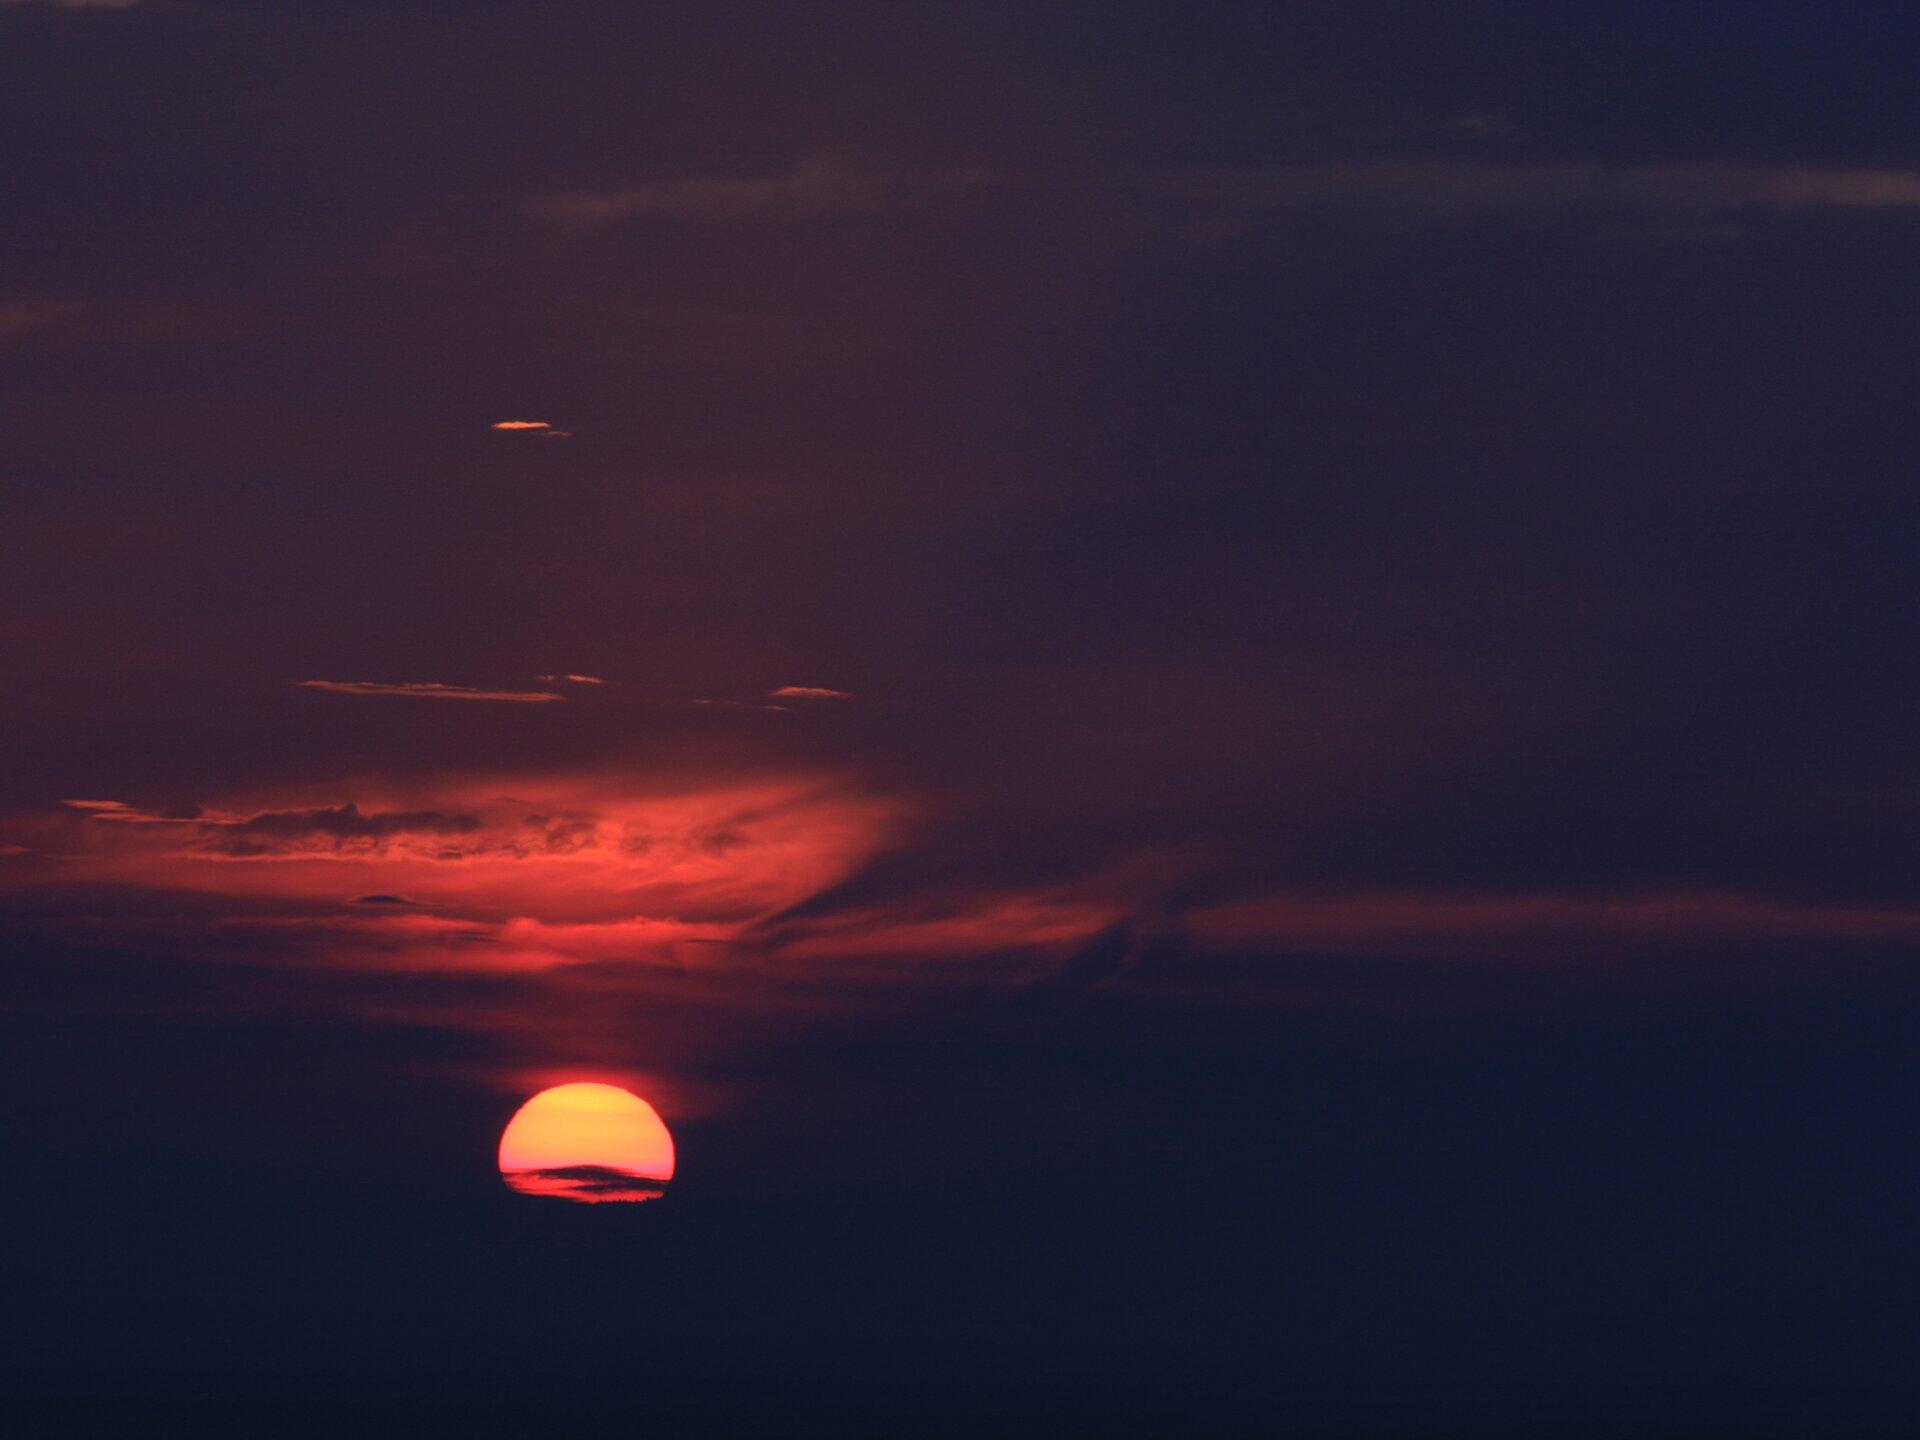 Zachód słońca Źródło: Zachód słońca, fotografia barwna, domena publiczna.